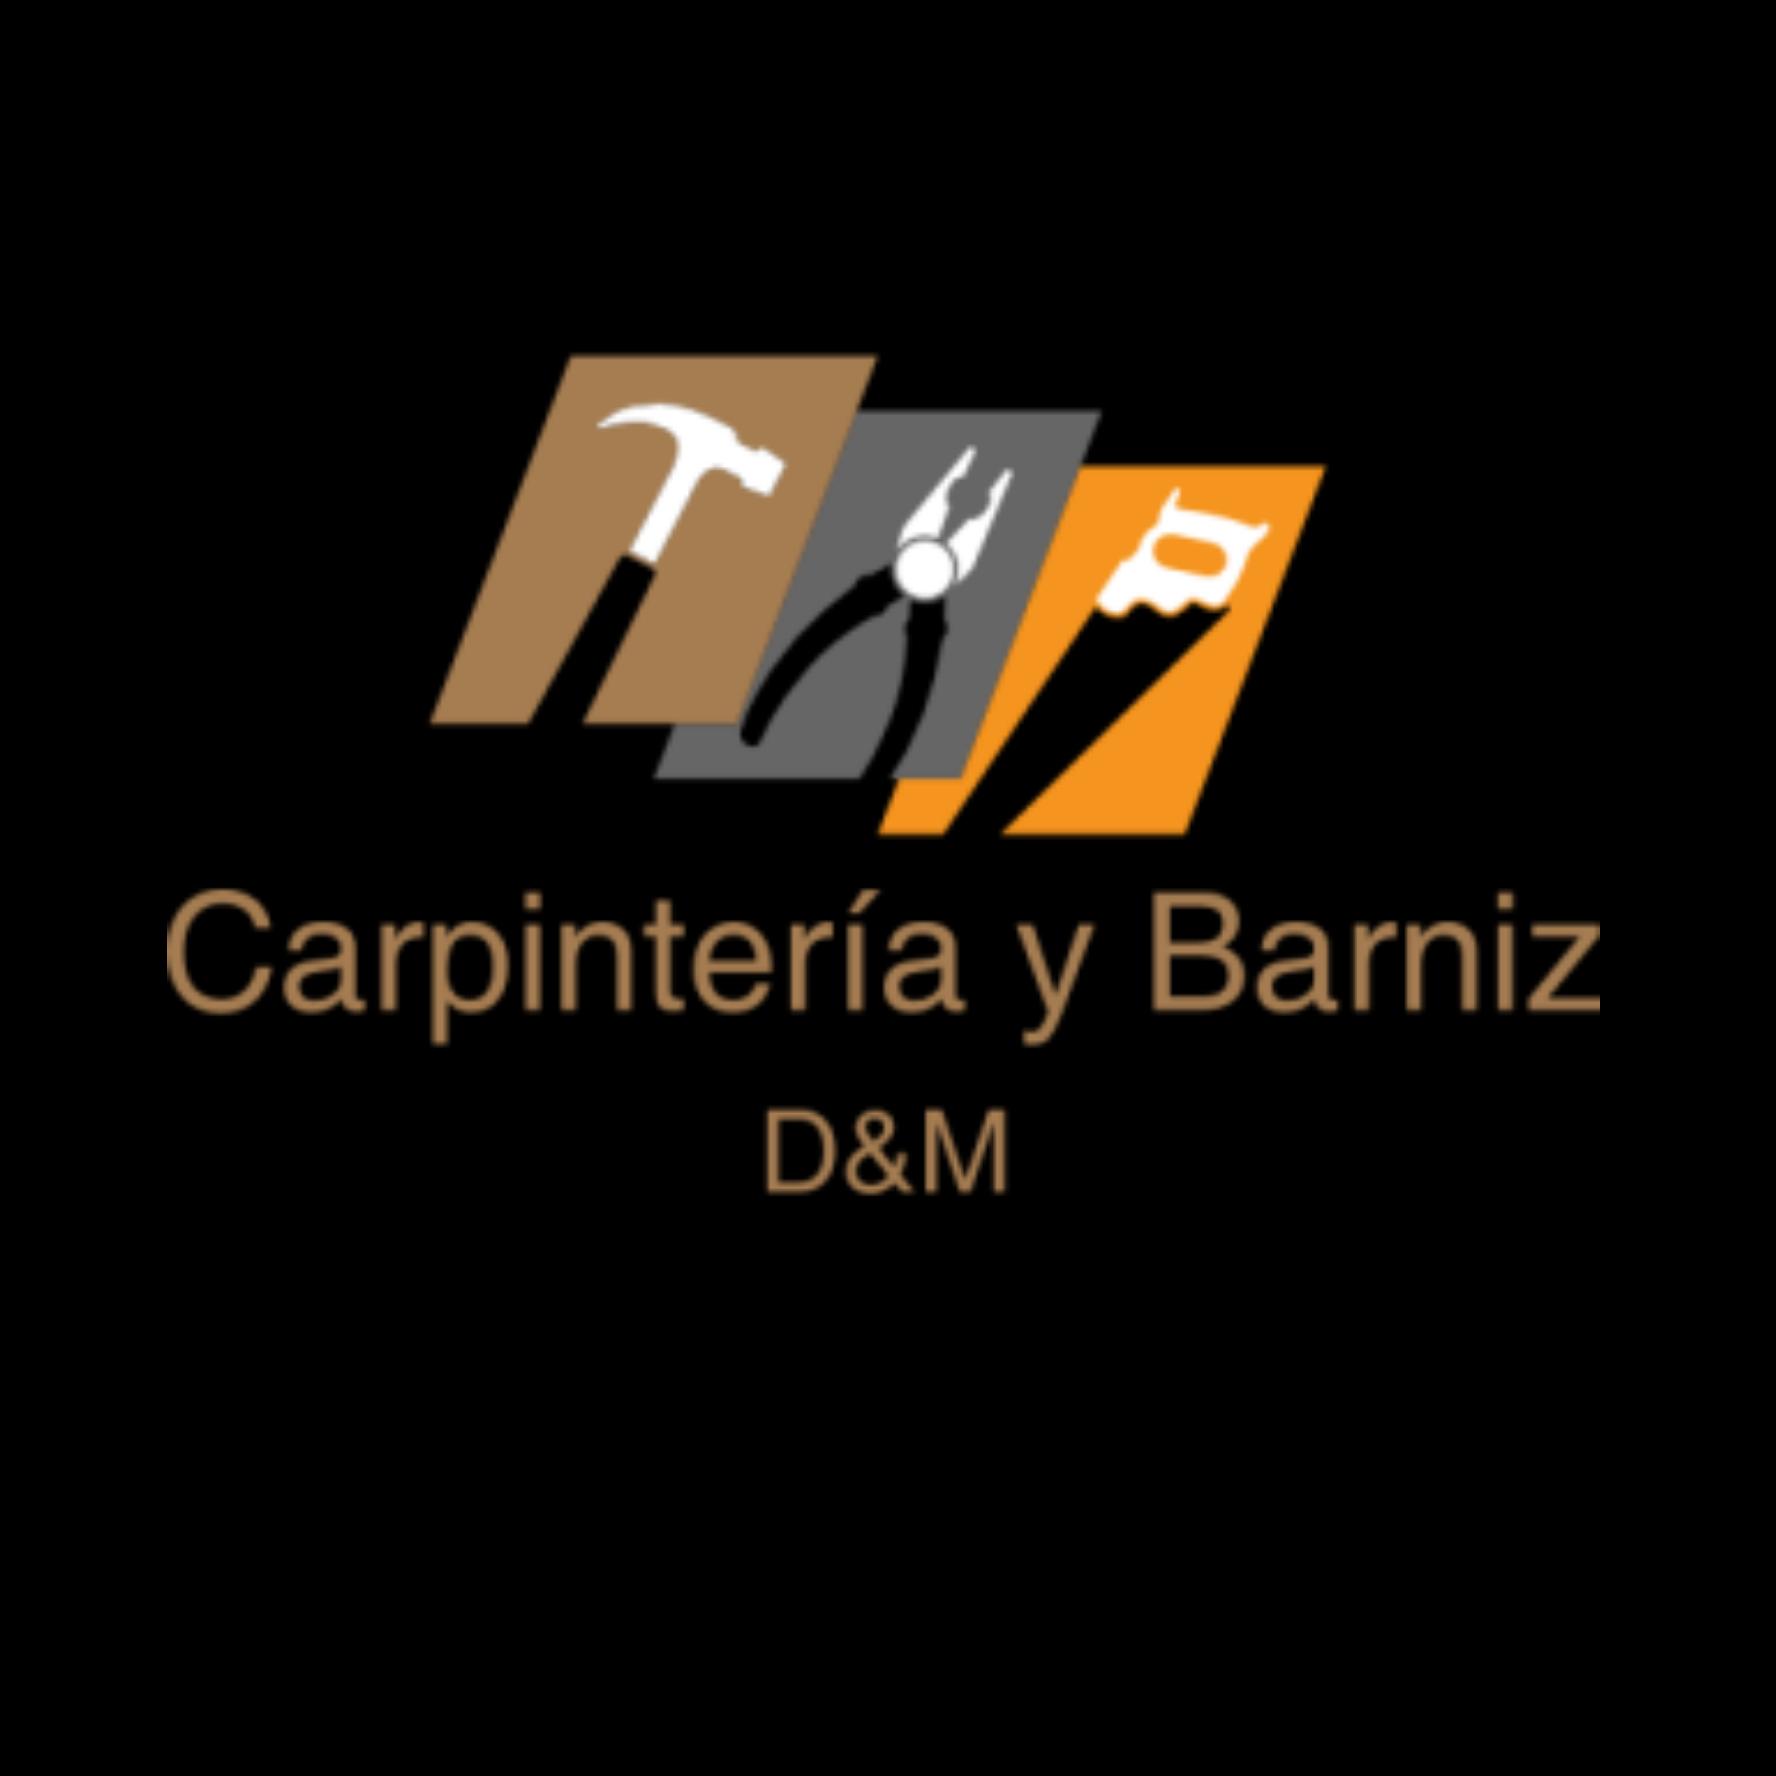 Carpintería y Barniz D&M